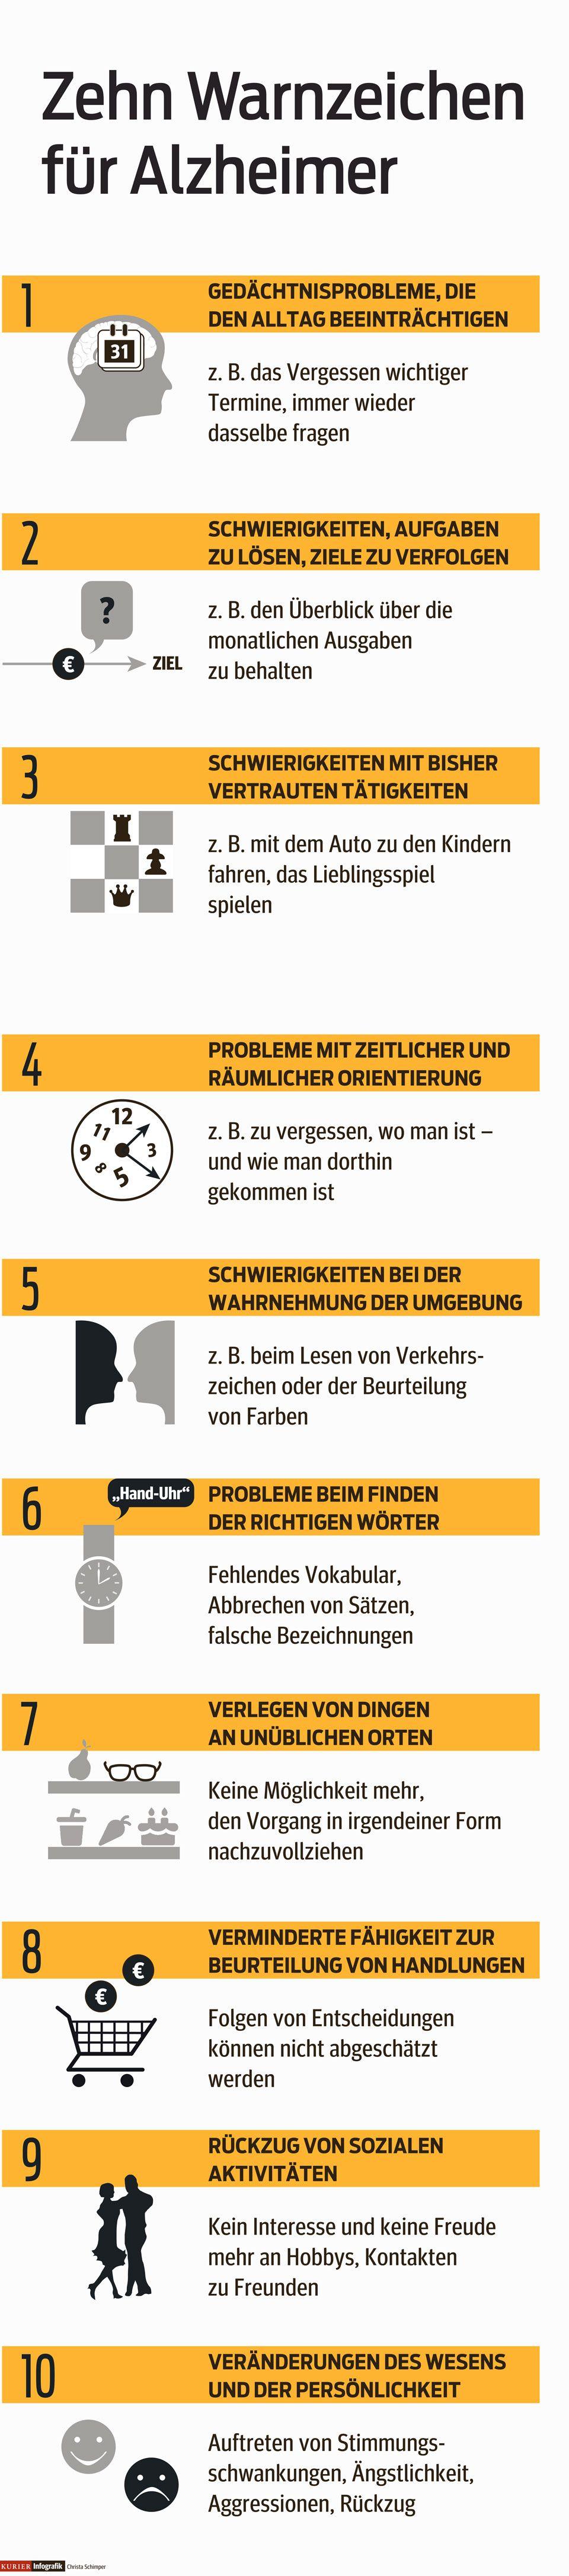 10 Warnzeichen für Alzheimer. Mehr zum Thema: http://kurier.at ...